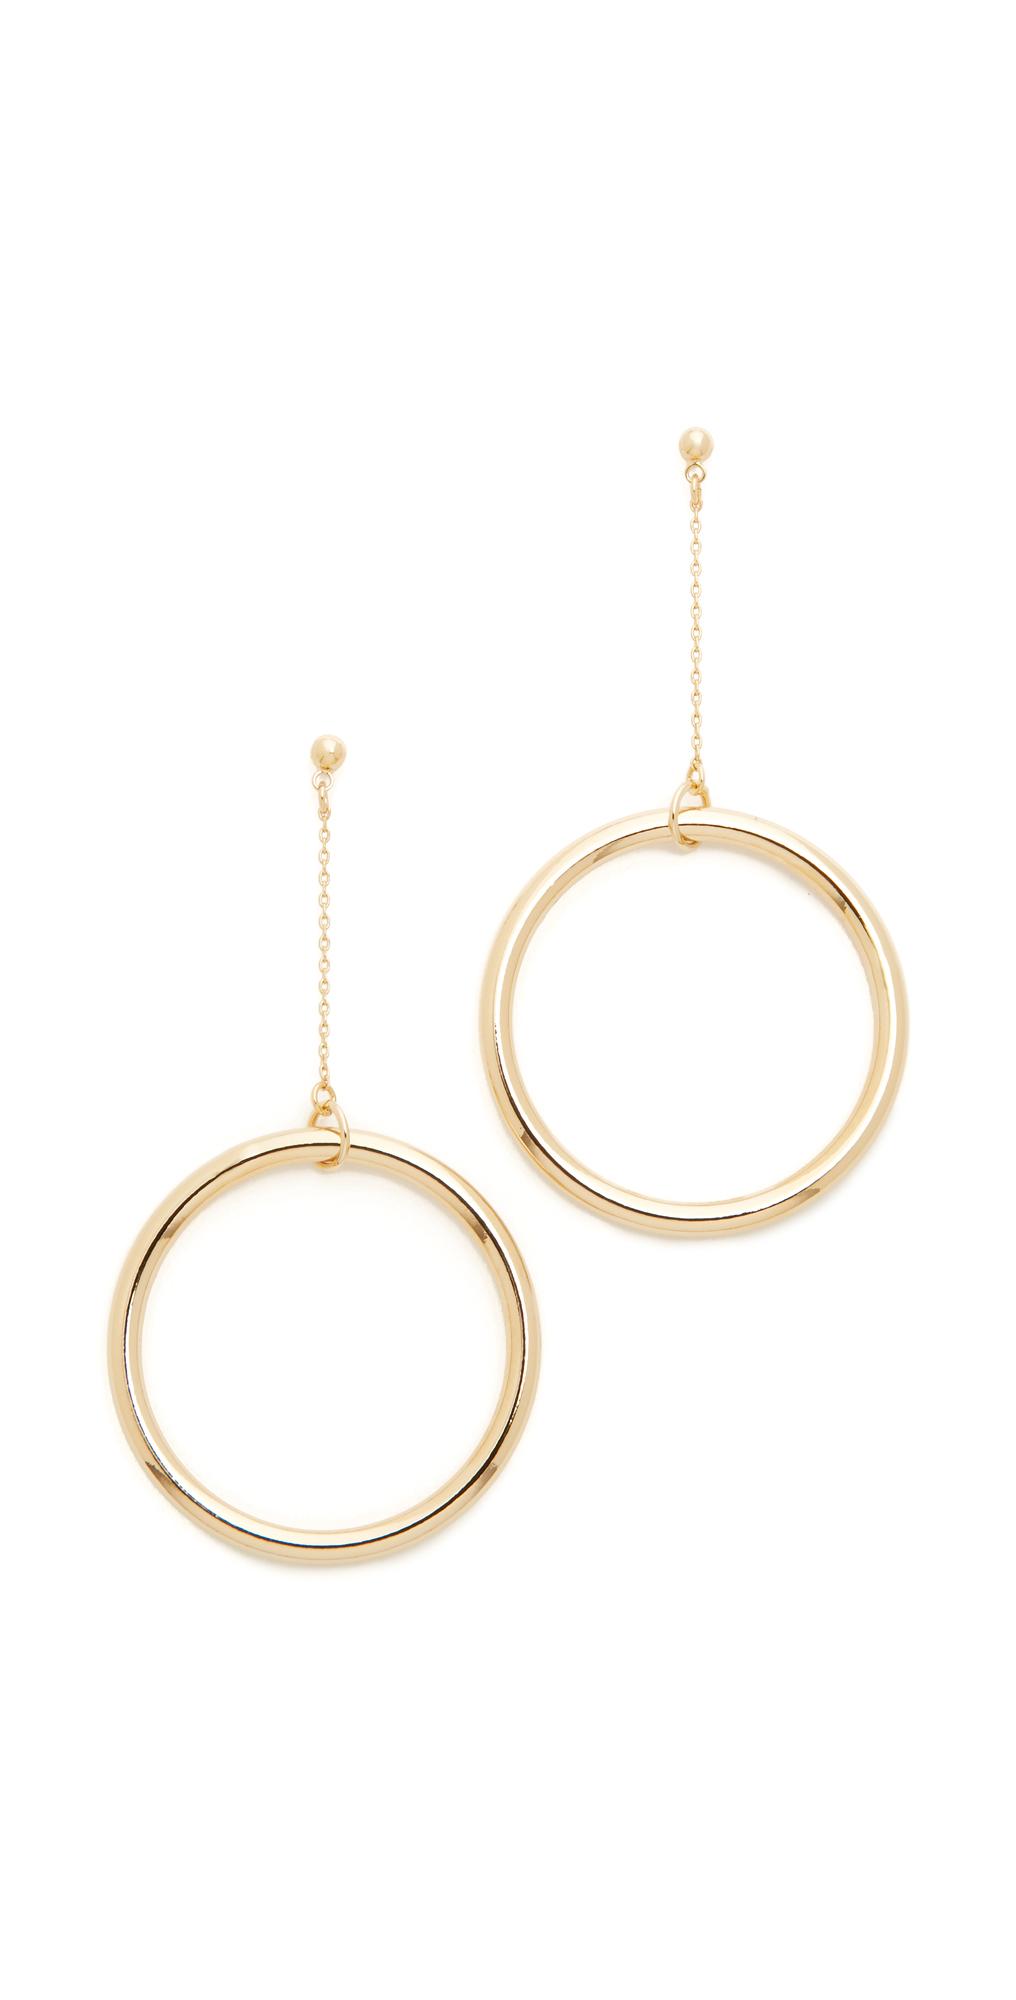 Halo String Earrings Cloverpost